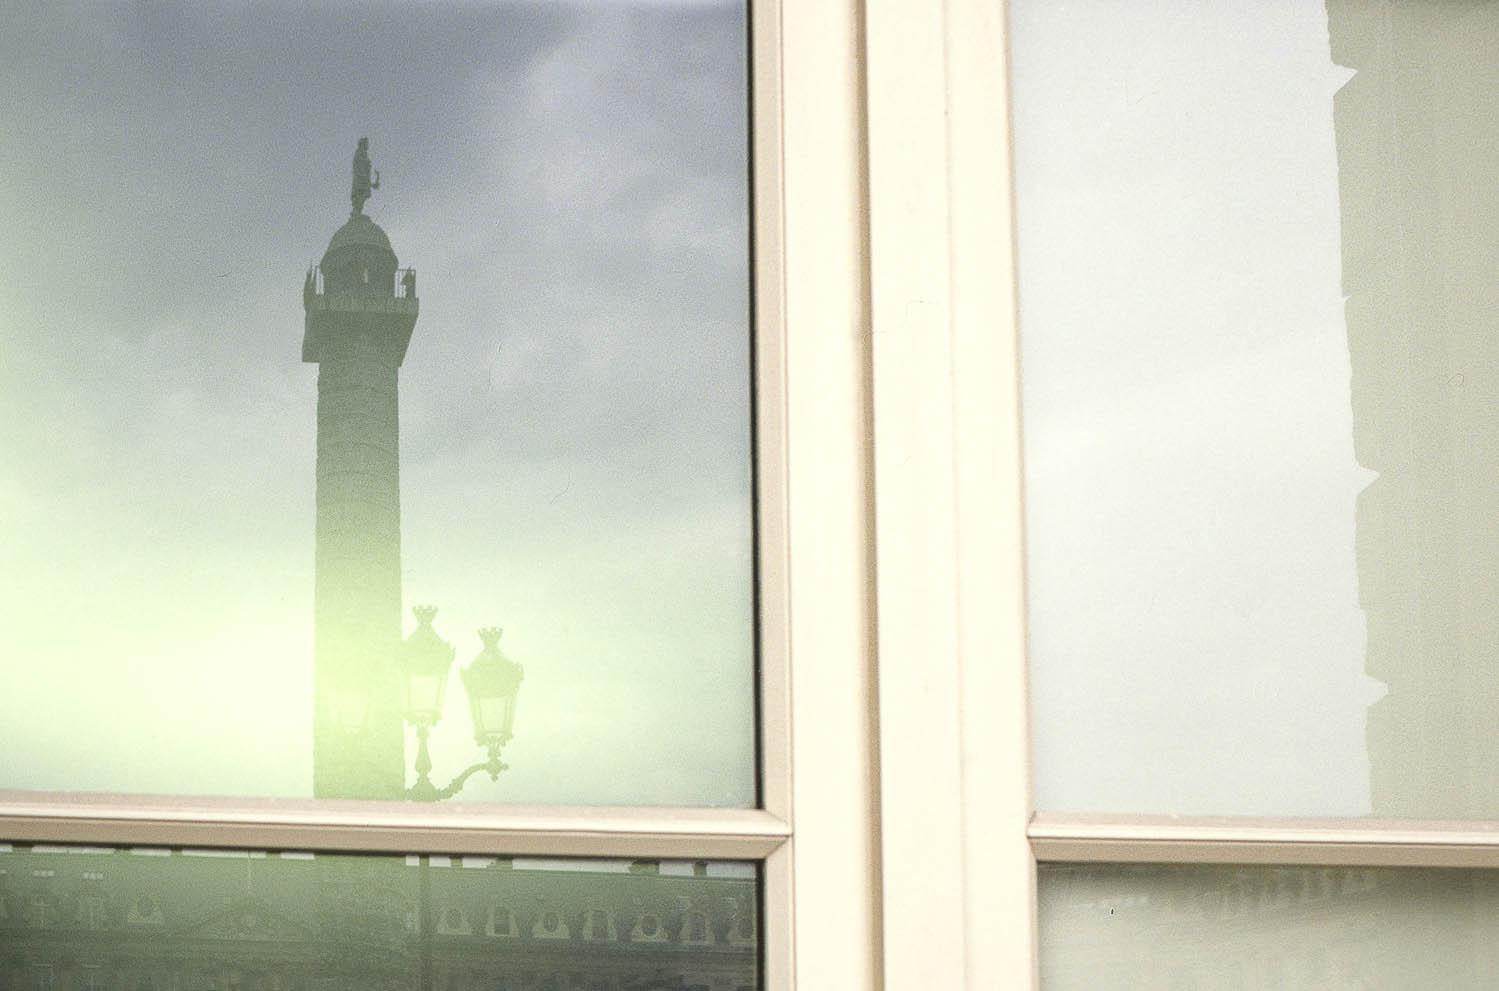 Place Vendôme premier arrondissement à Paris. Photo d'une fenêtre reflétant la colonne de la place Vendôme